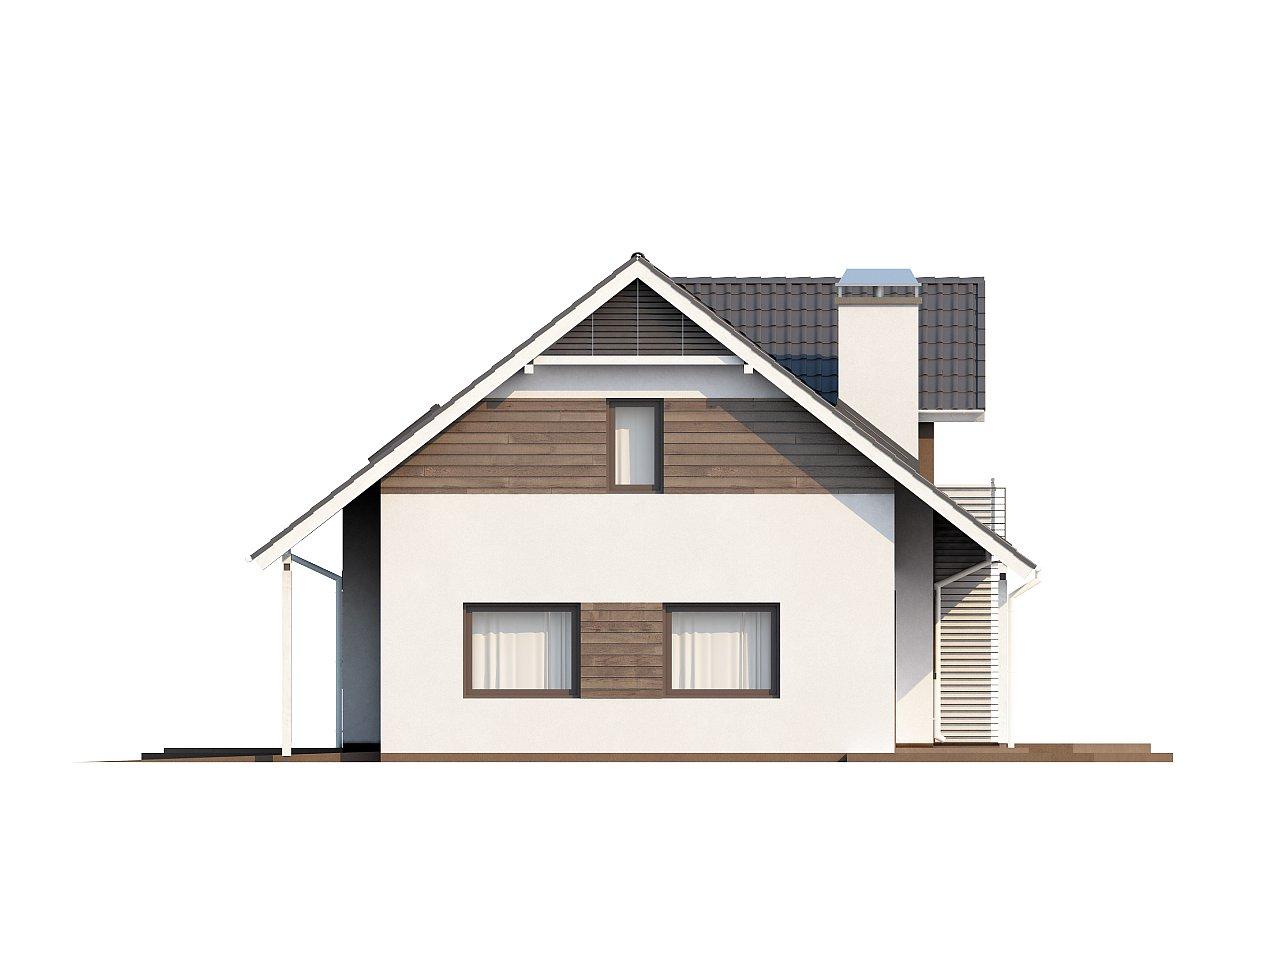 Комфортабельный дом со встроенным гаражом, угловой террасой и кабинетом на первом этаже. - фото 6